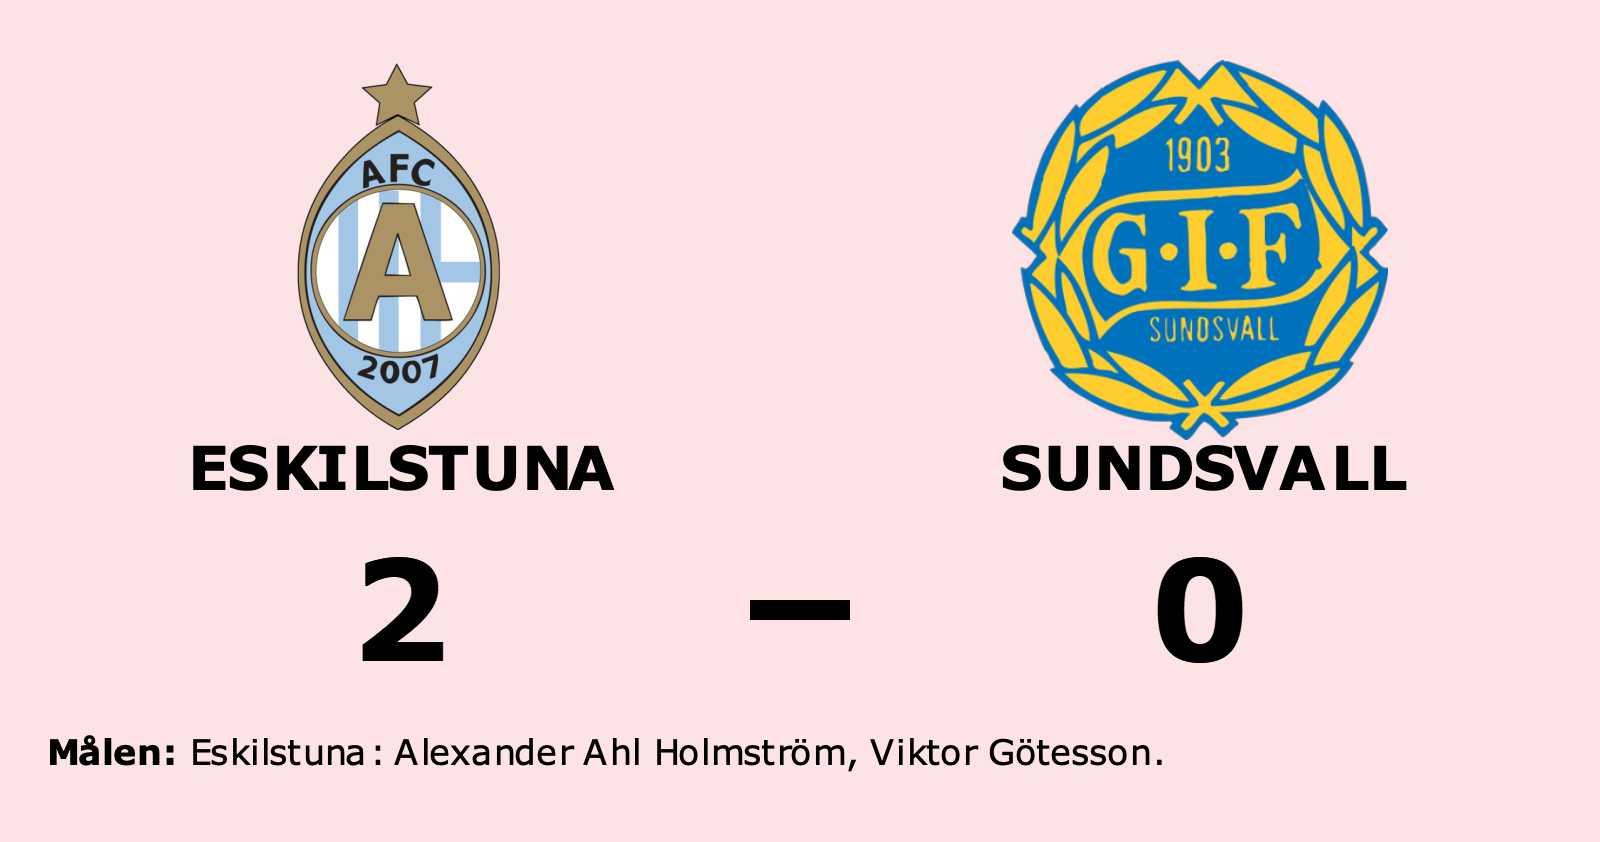 Ahl Holmström och Götesson sänkte Sundsvall